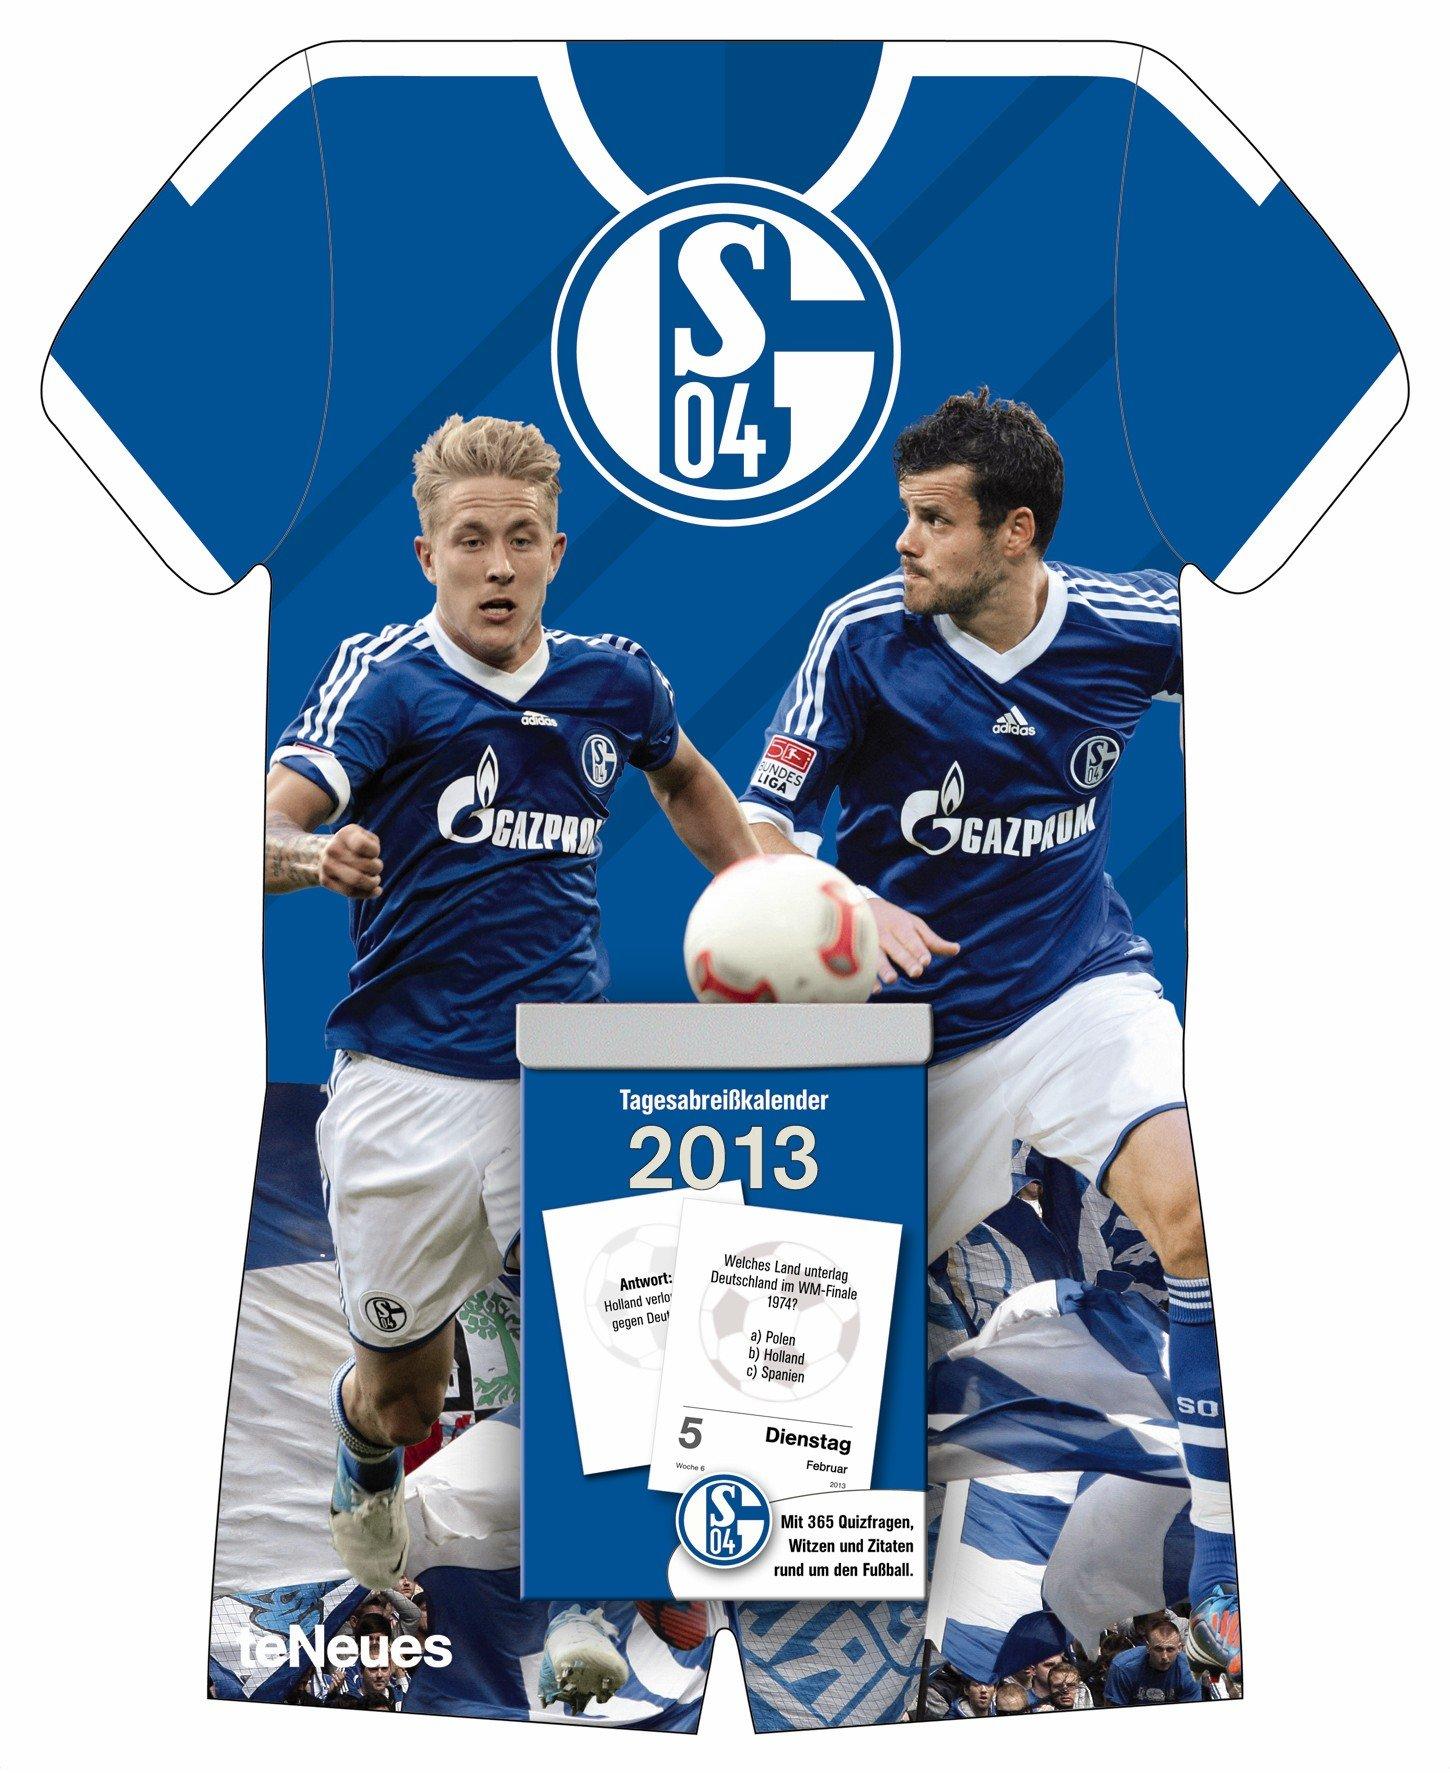 Schalke 04 2013 Tagesabreißkalender